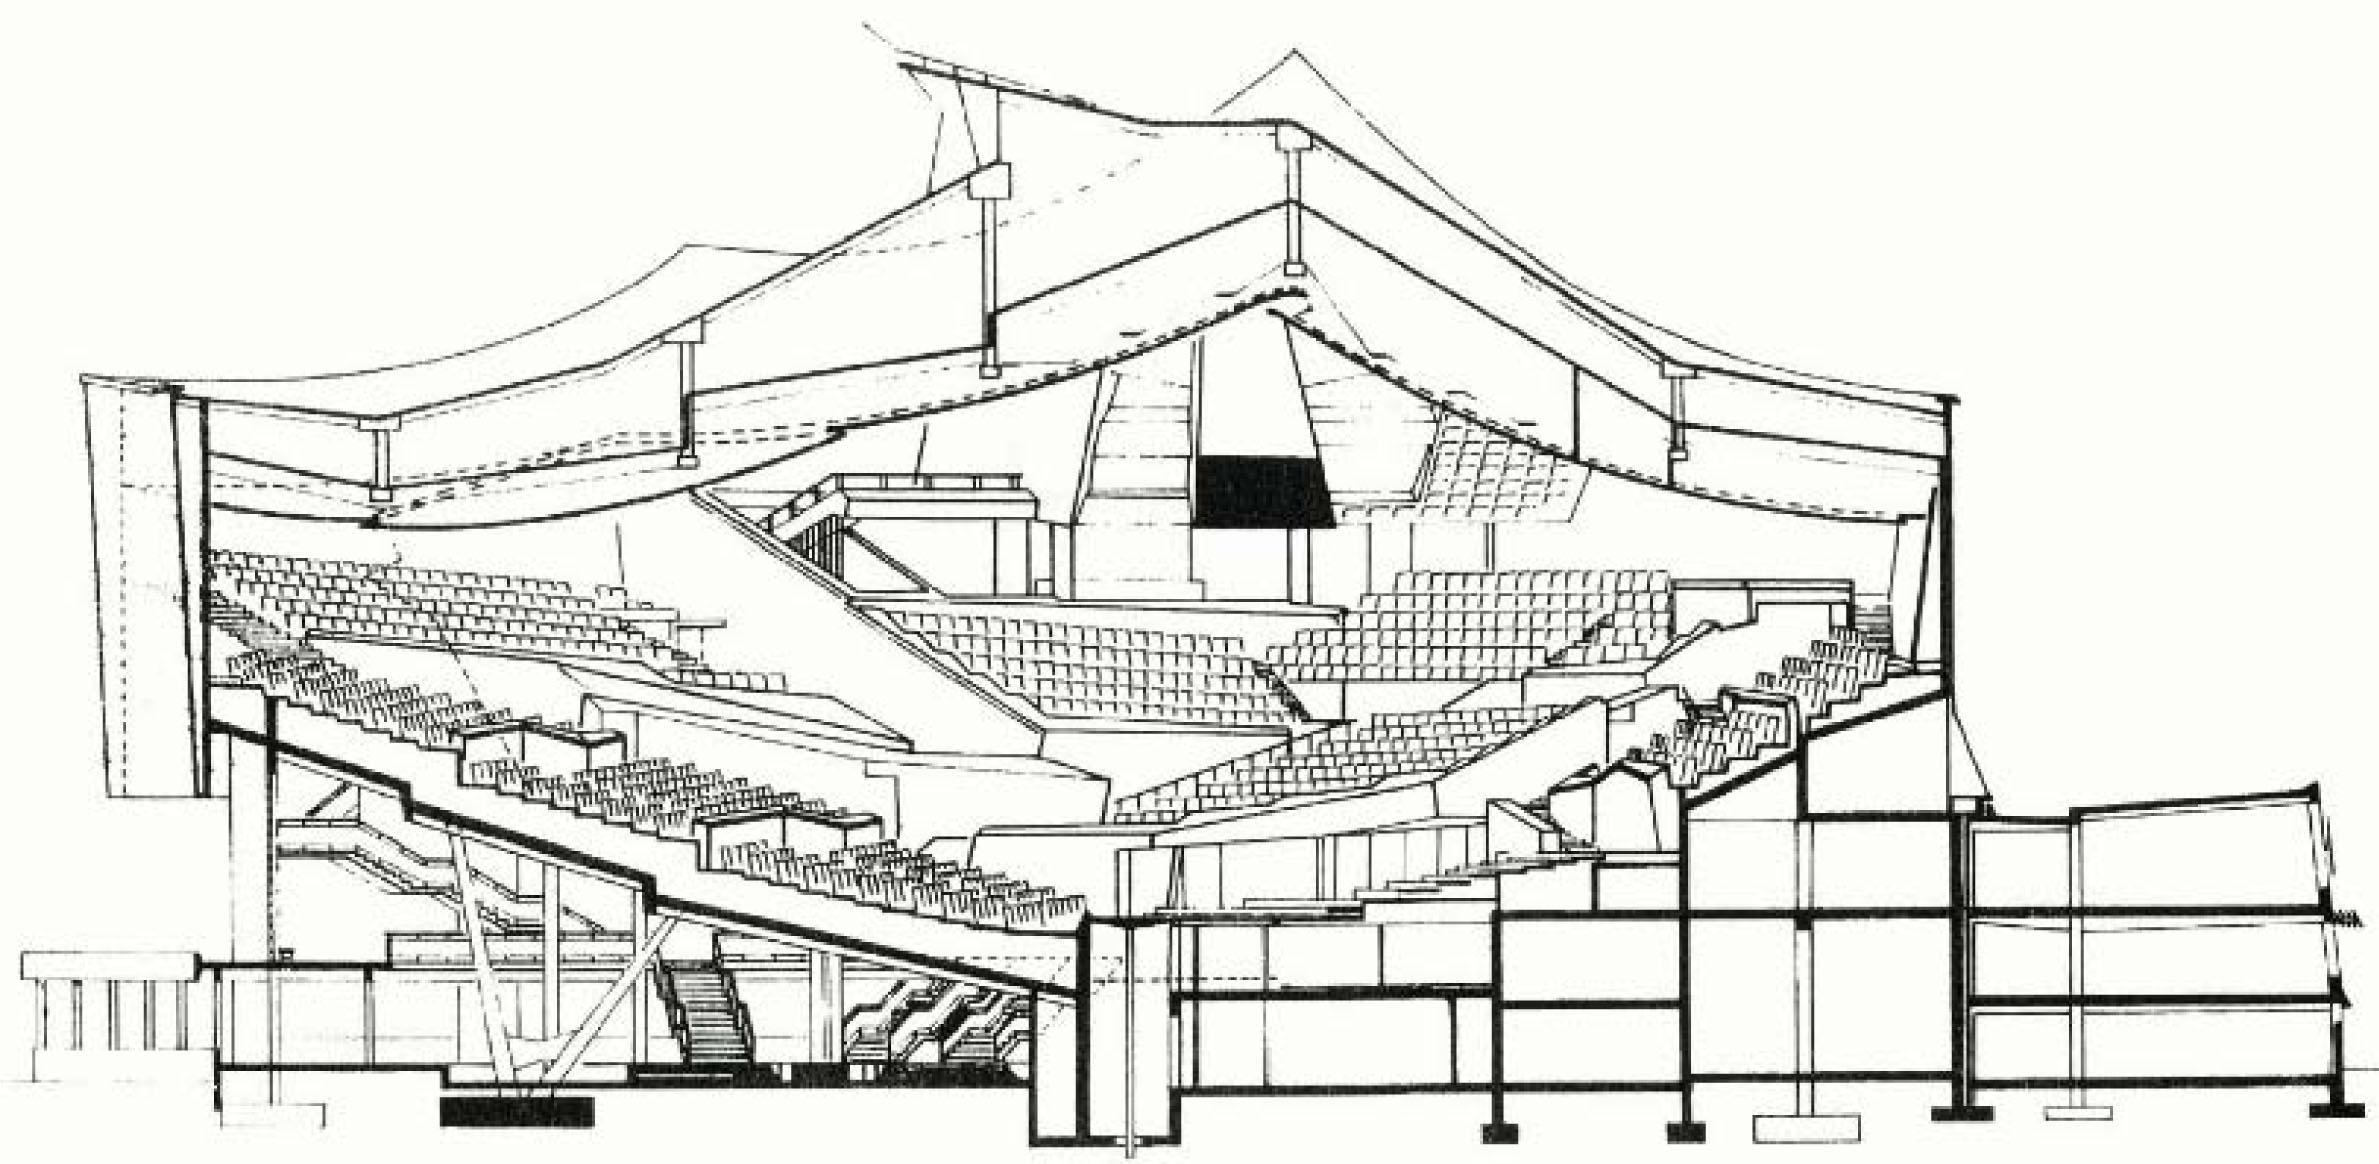 Philharmonic Hall In Berlin By Hans Scharoun